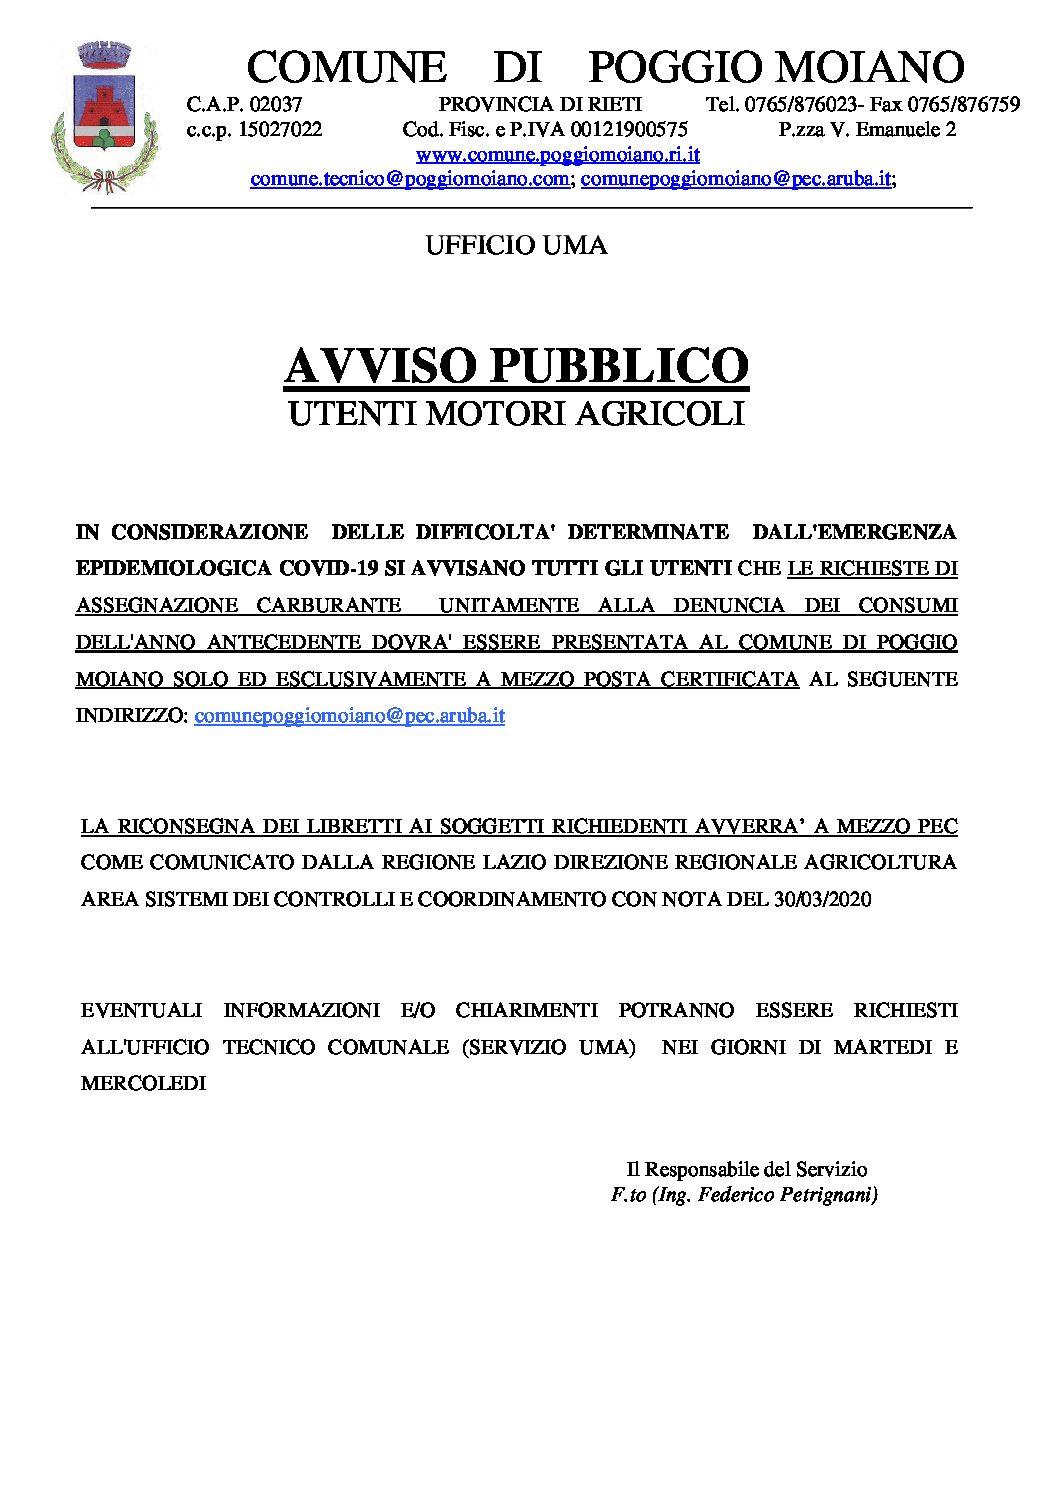 AVVISO PUBBLICO UTENTI UMA – MODALITA' RICHIESTE ASSEGNAZIONE CARBURANTE E RICONSEGNA LIBRETTI